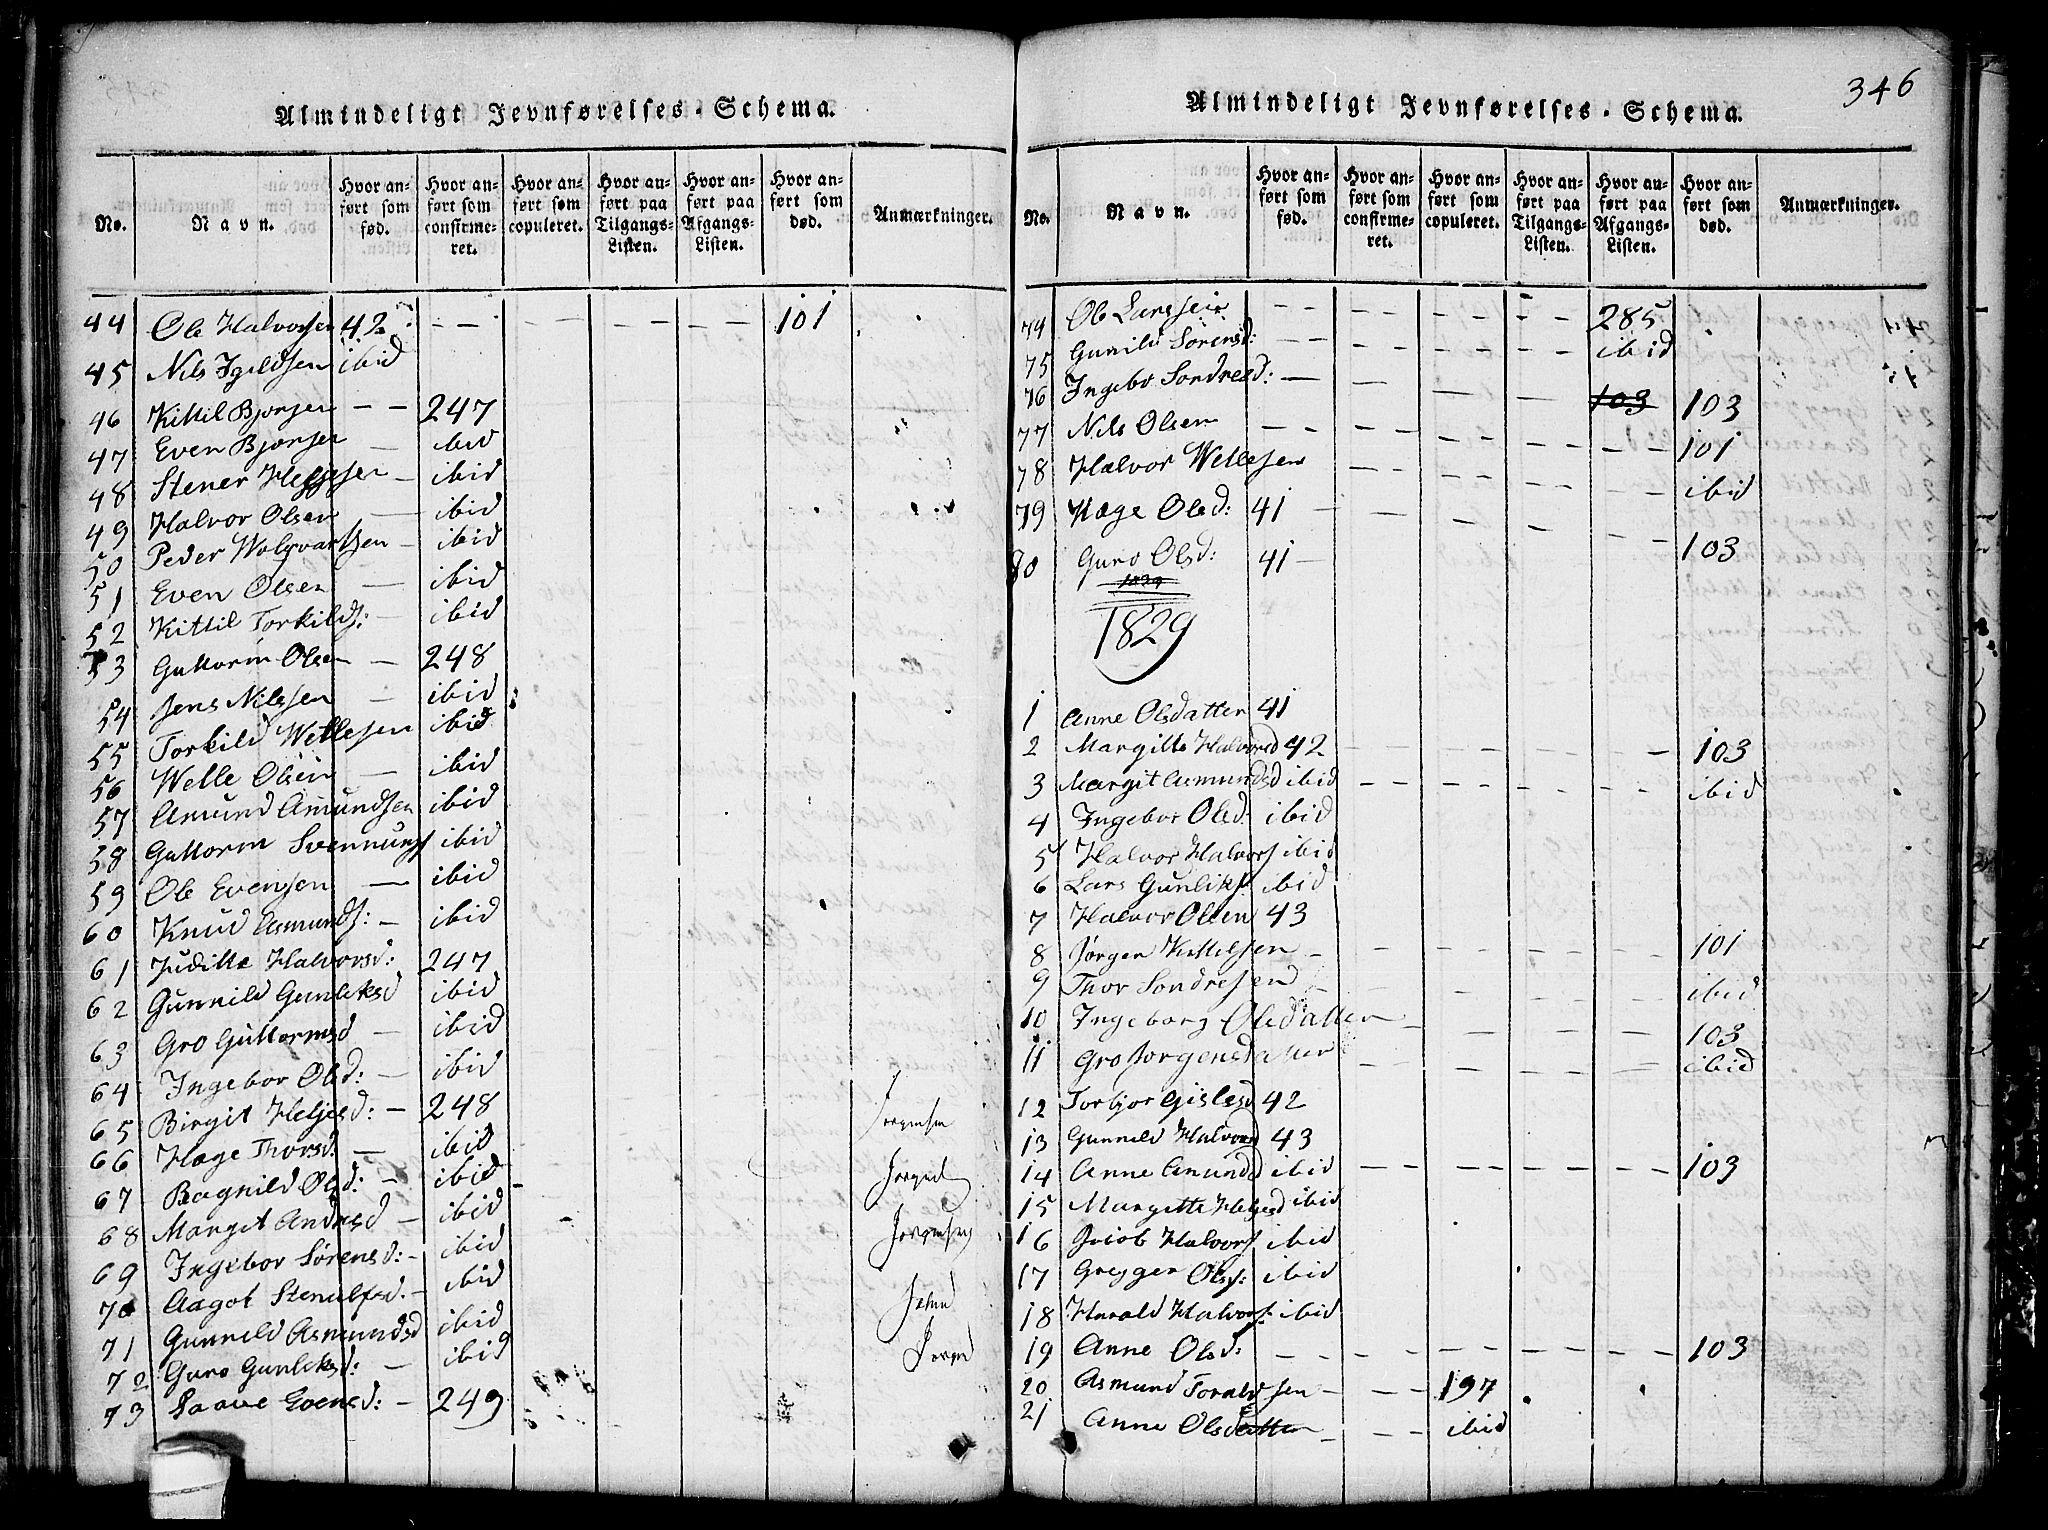 SAKO, Seljord kirkebøker, G/Gb/L0002: Klokkerbok nr. II 2, 1815-1854, s. 346